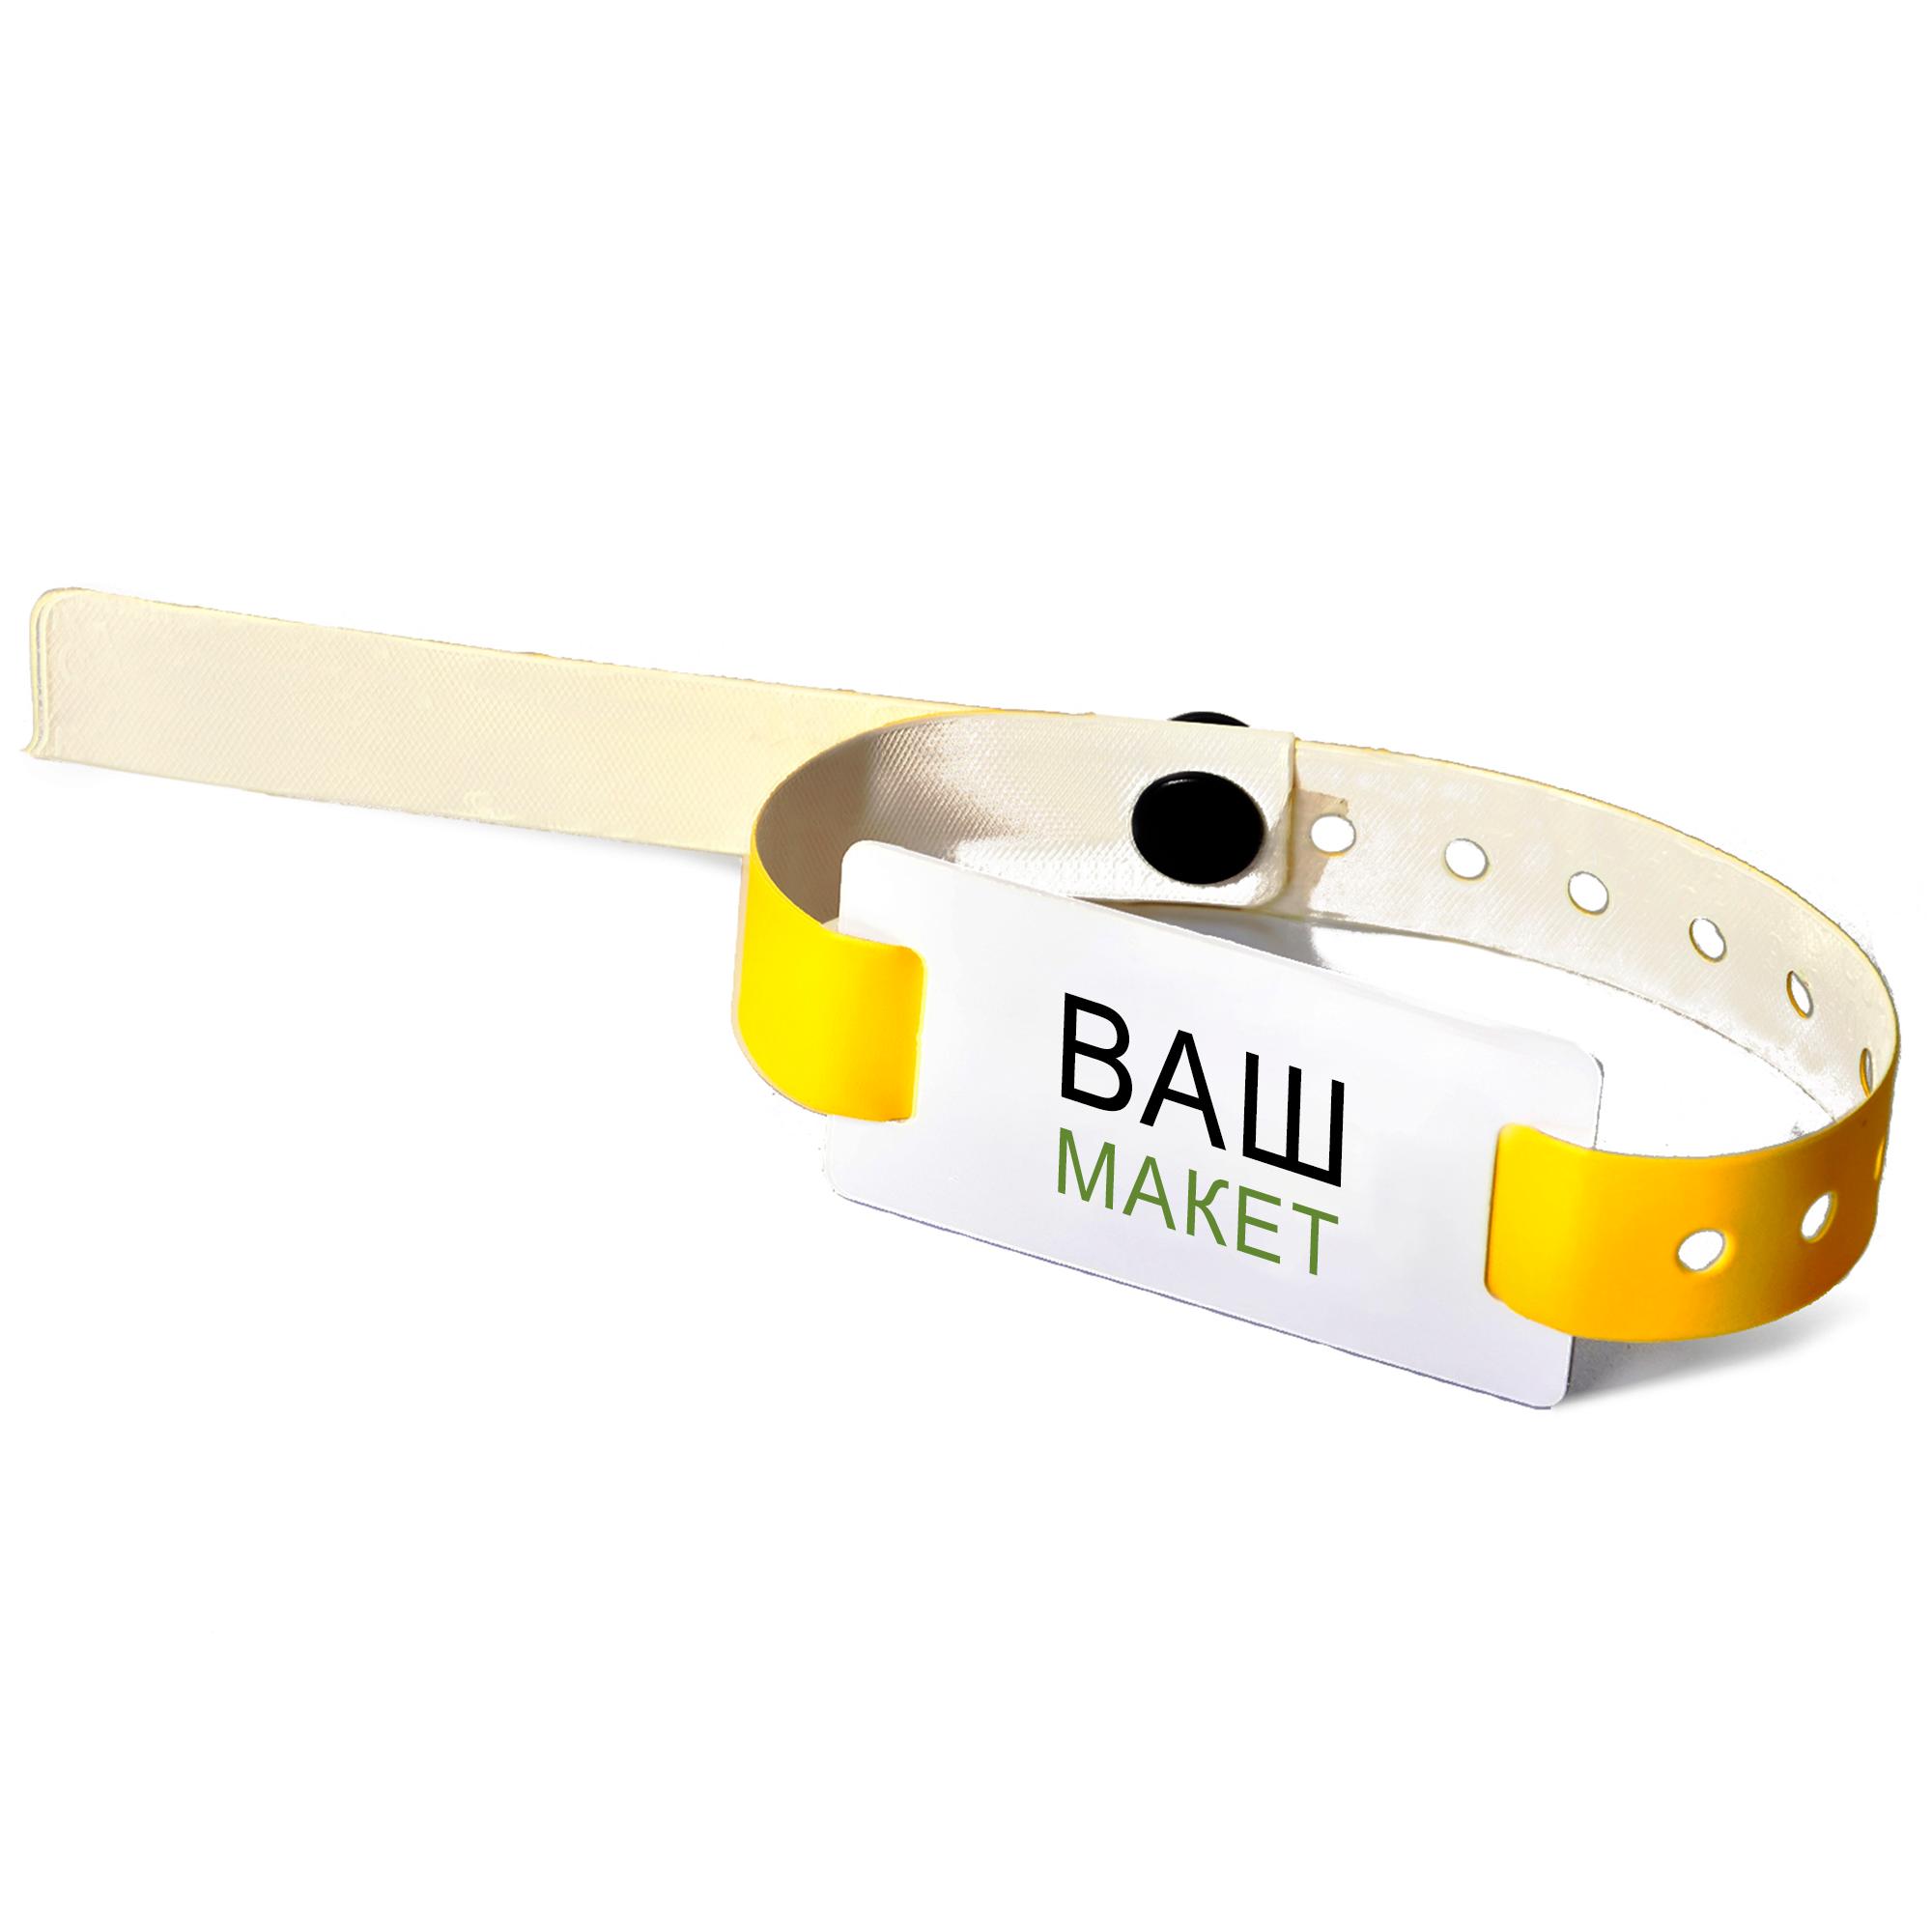 RFID-браслет Atmel (Temic) T5557, T5577 з повнокольоровим друком на контрольному ремінці із застібкою